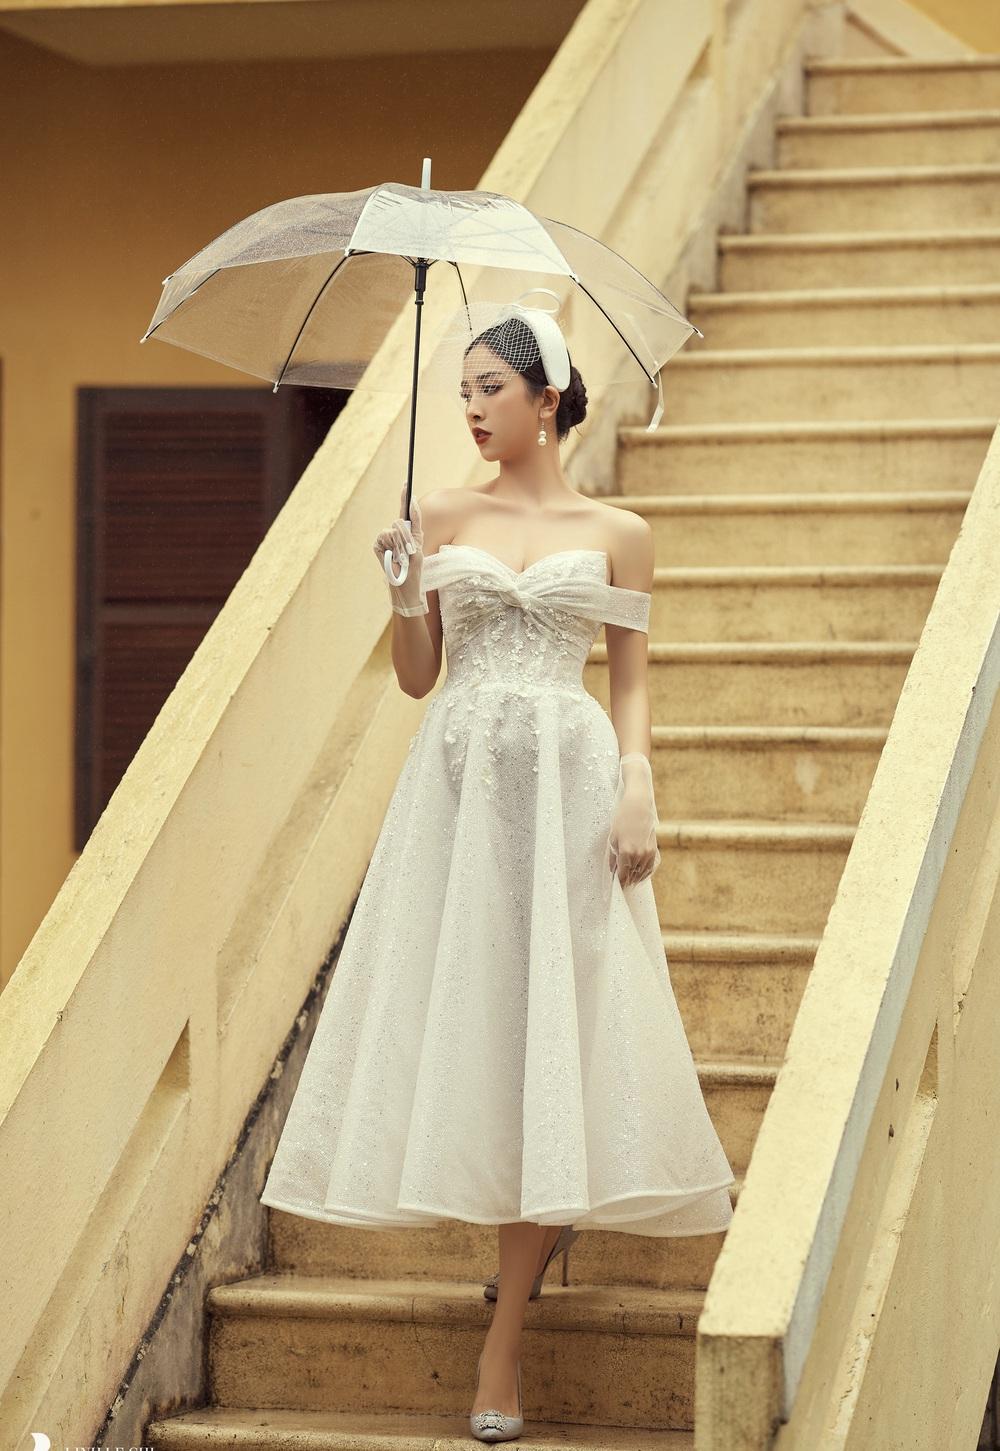 Ảnh cưới tại Đà Lạt ngọt hơn mật của Á hậu Thúy An - ảnh 5